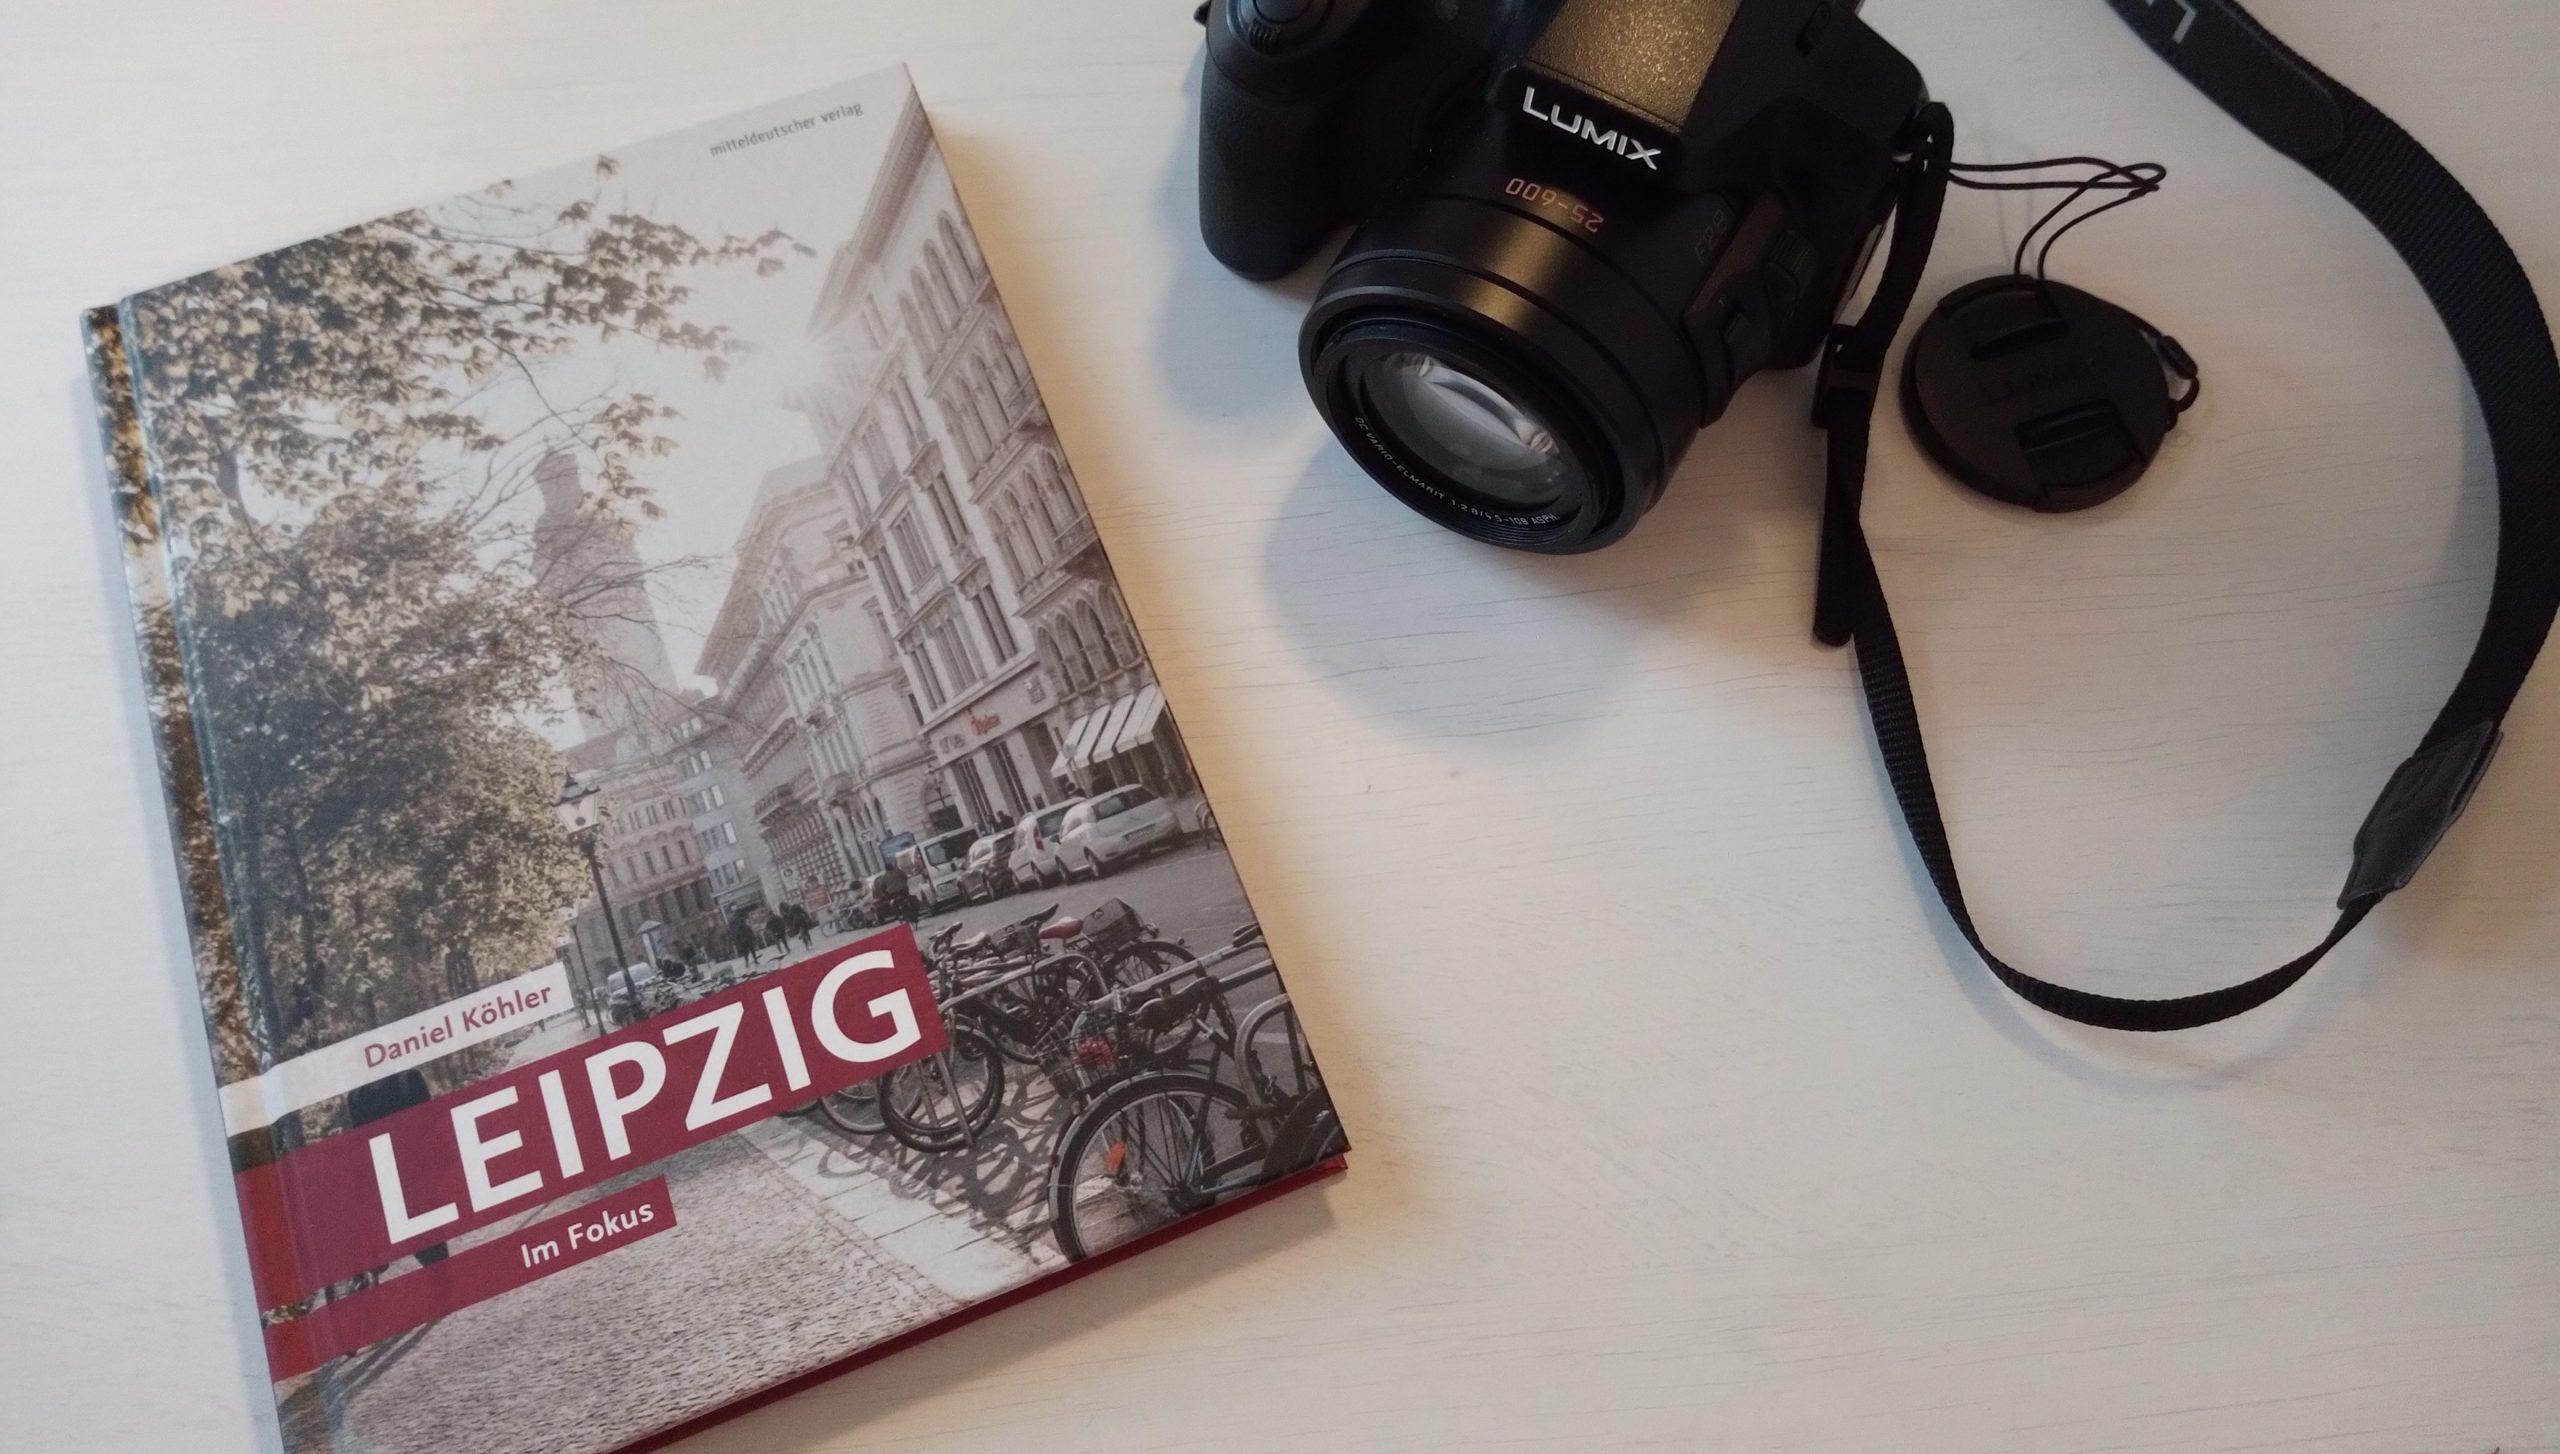 """[Entdecken] """"Leipzig. Im Fokus"""" von Daniel Köhler"""